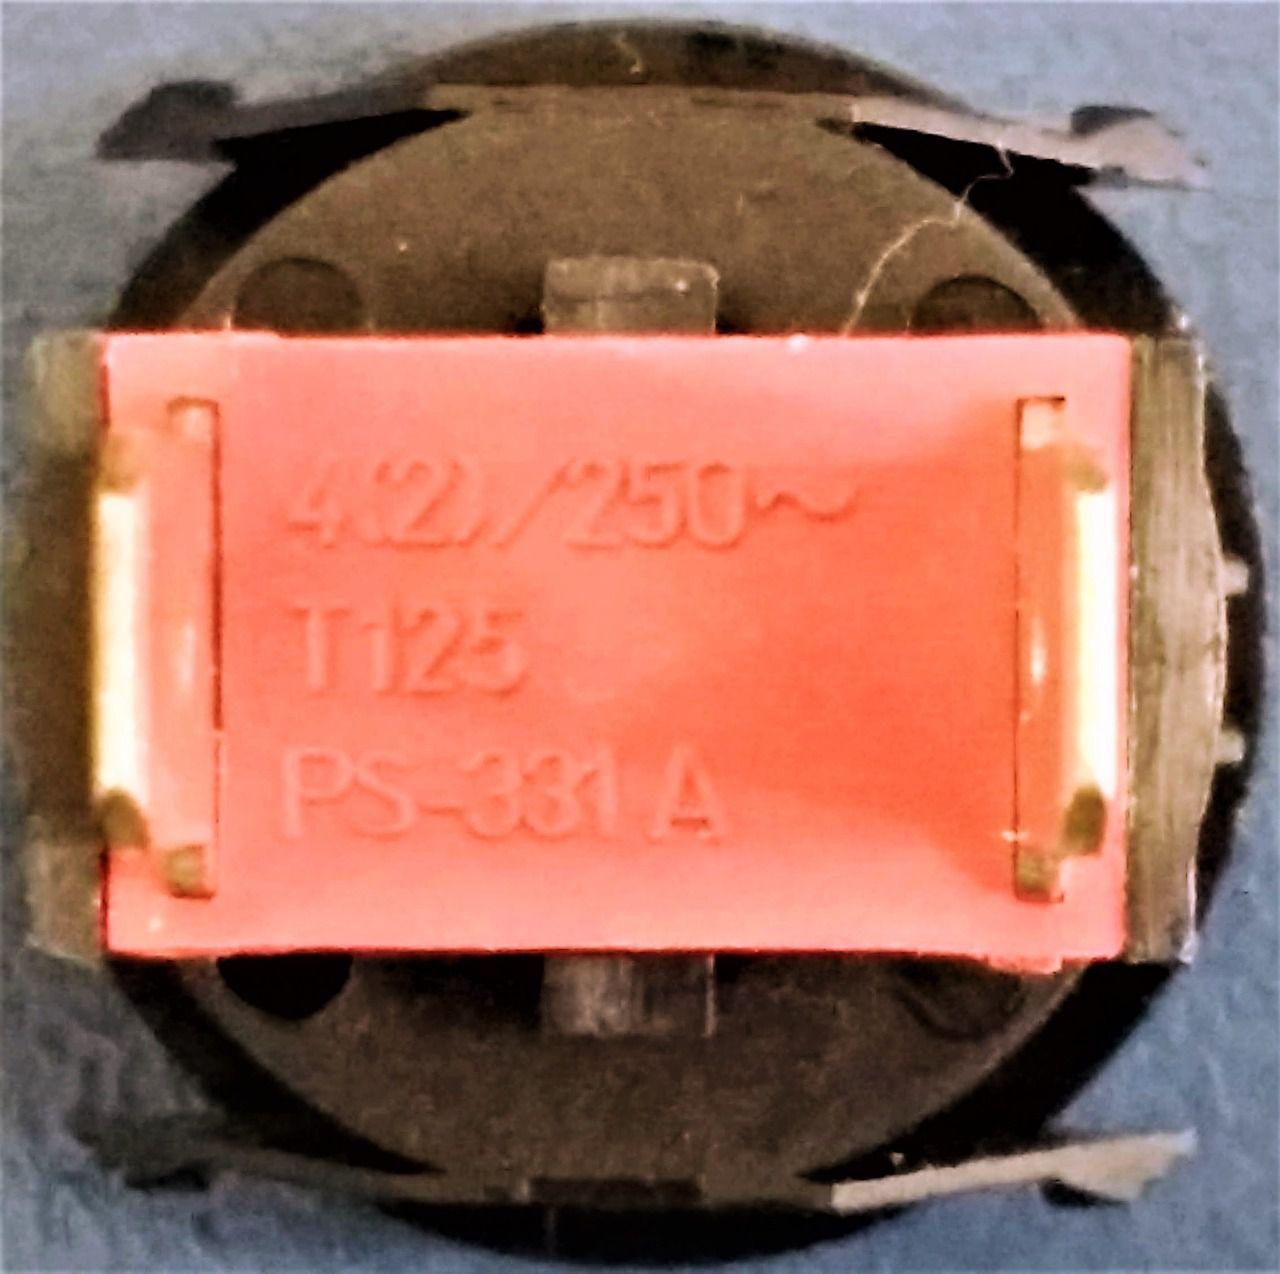 Chave Interruptora Forno Fogatti / Nardelli